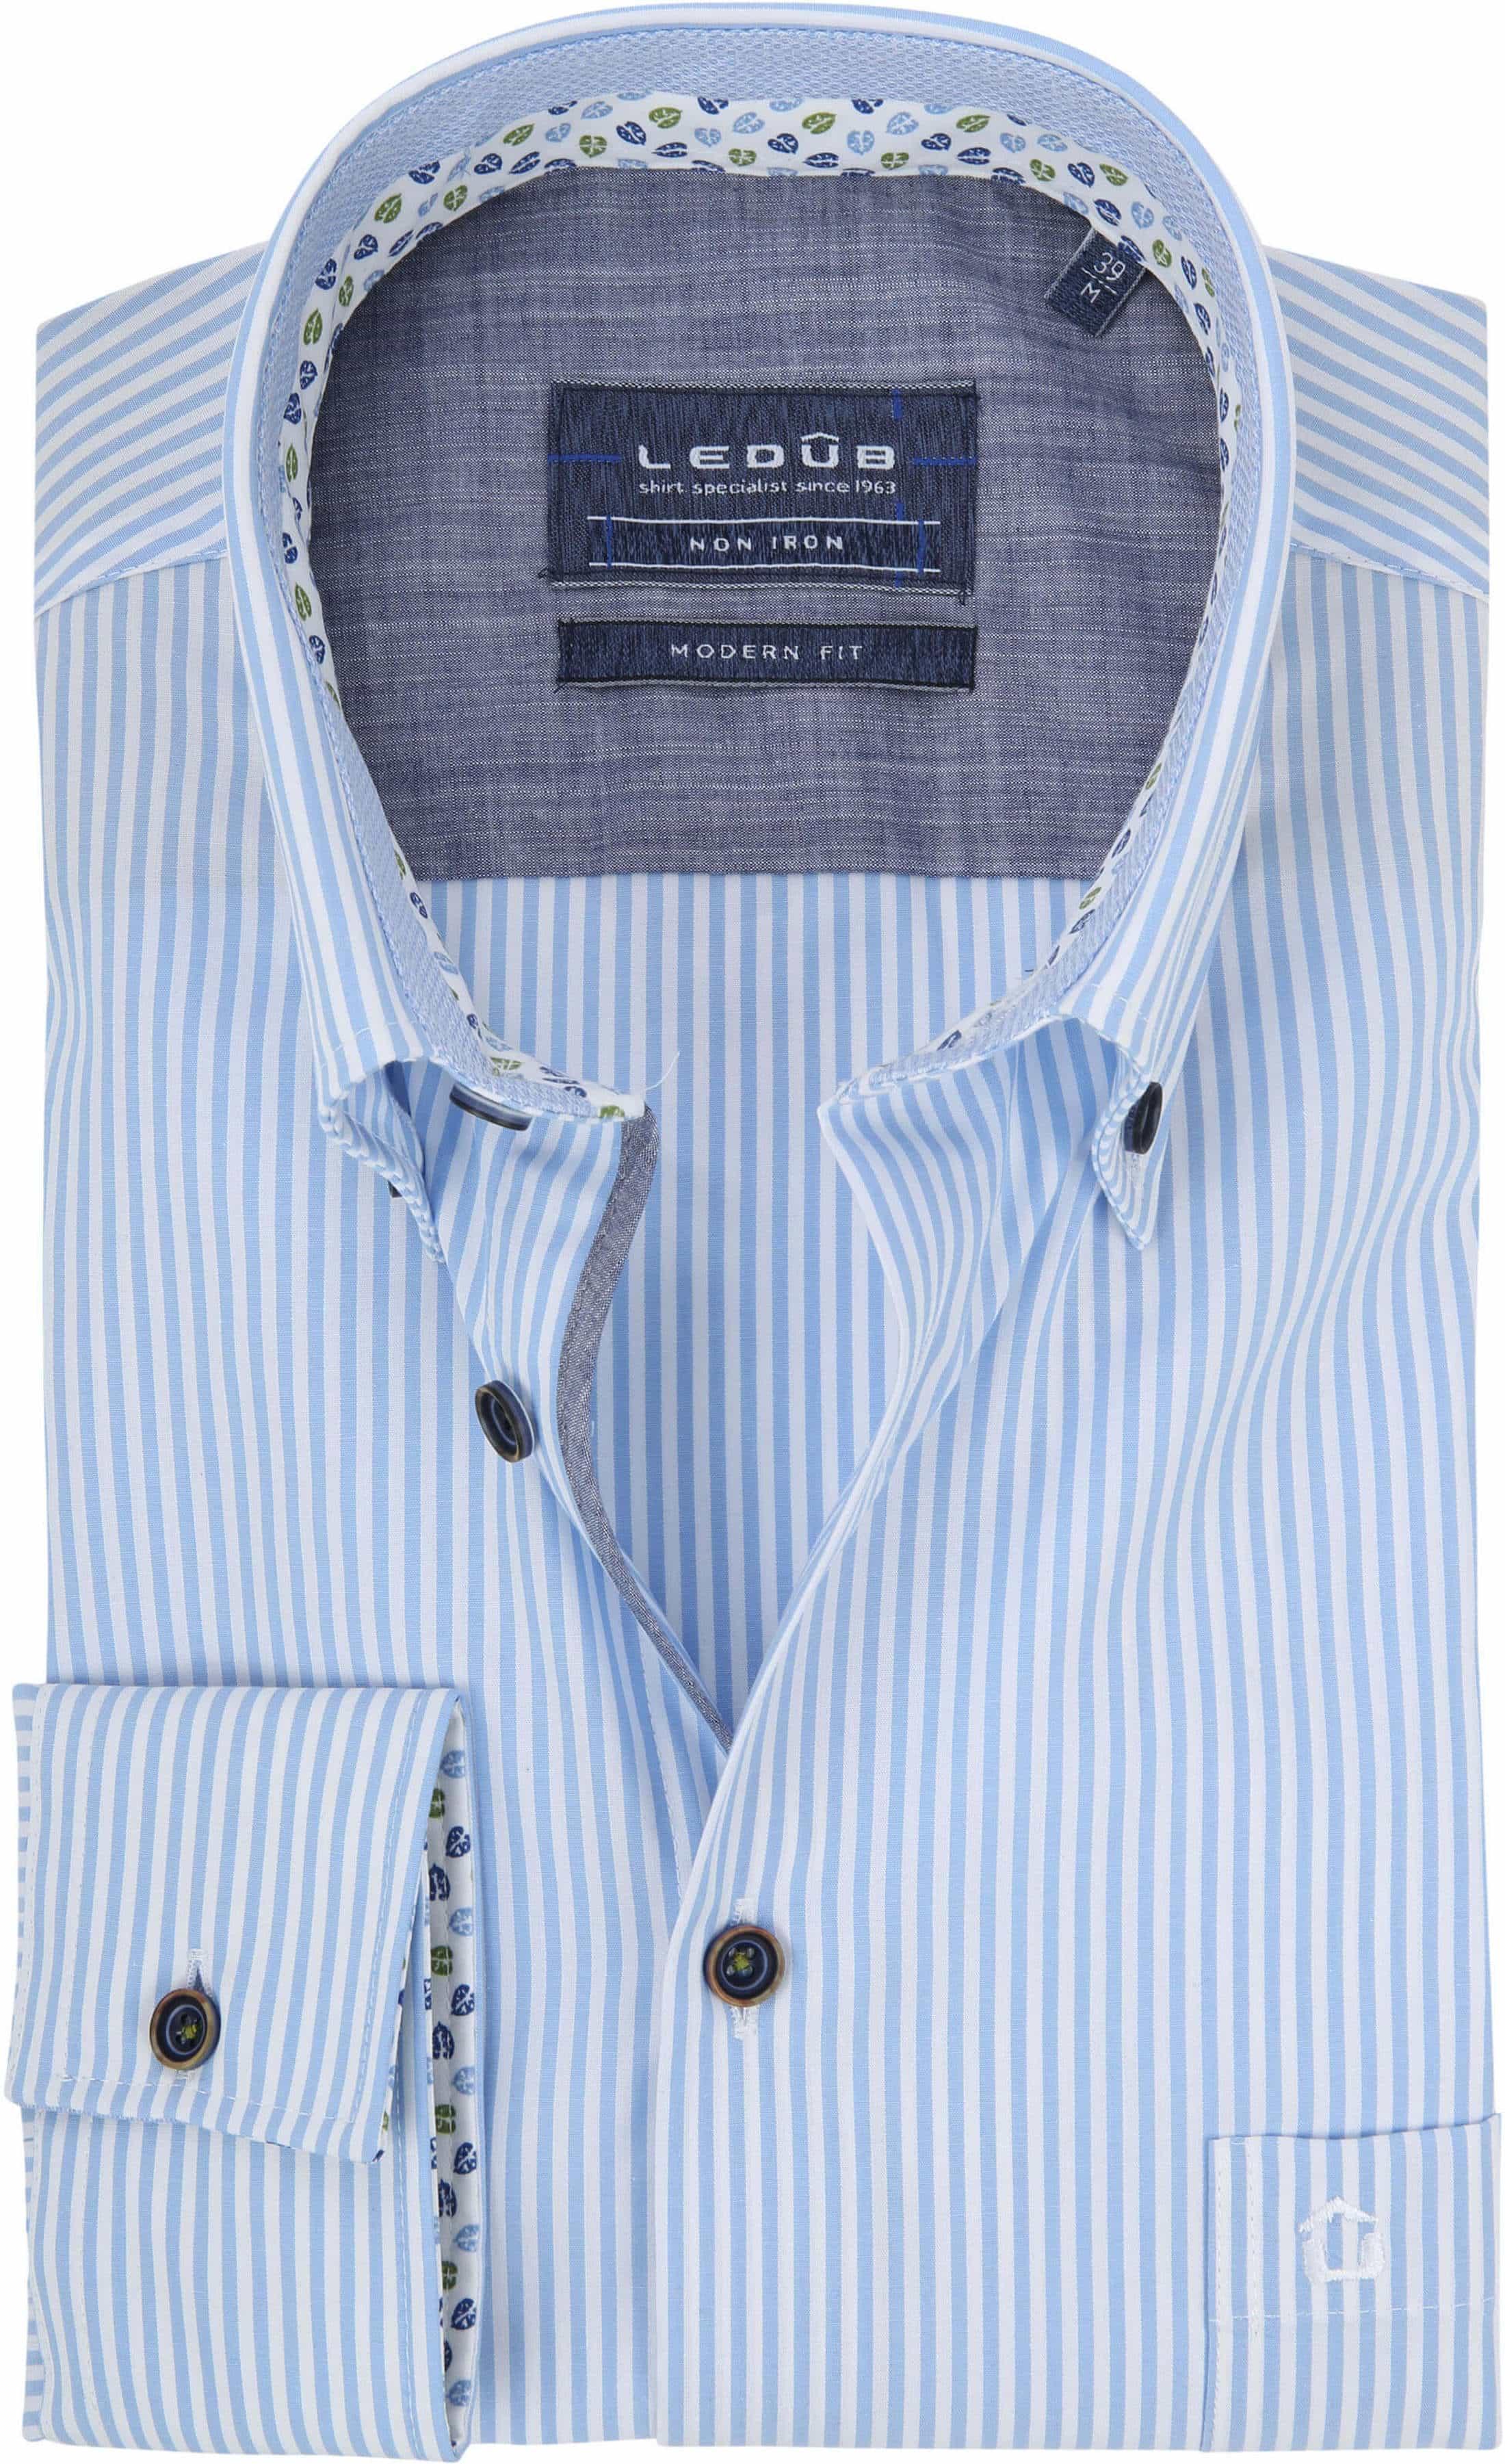 Ledub Overhemd Blauw Strepen foto 0